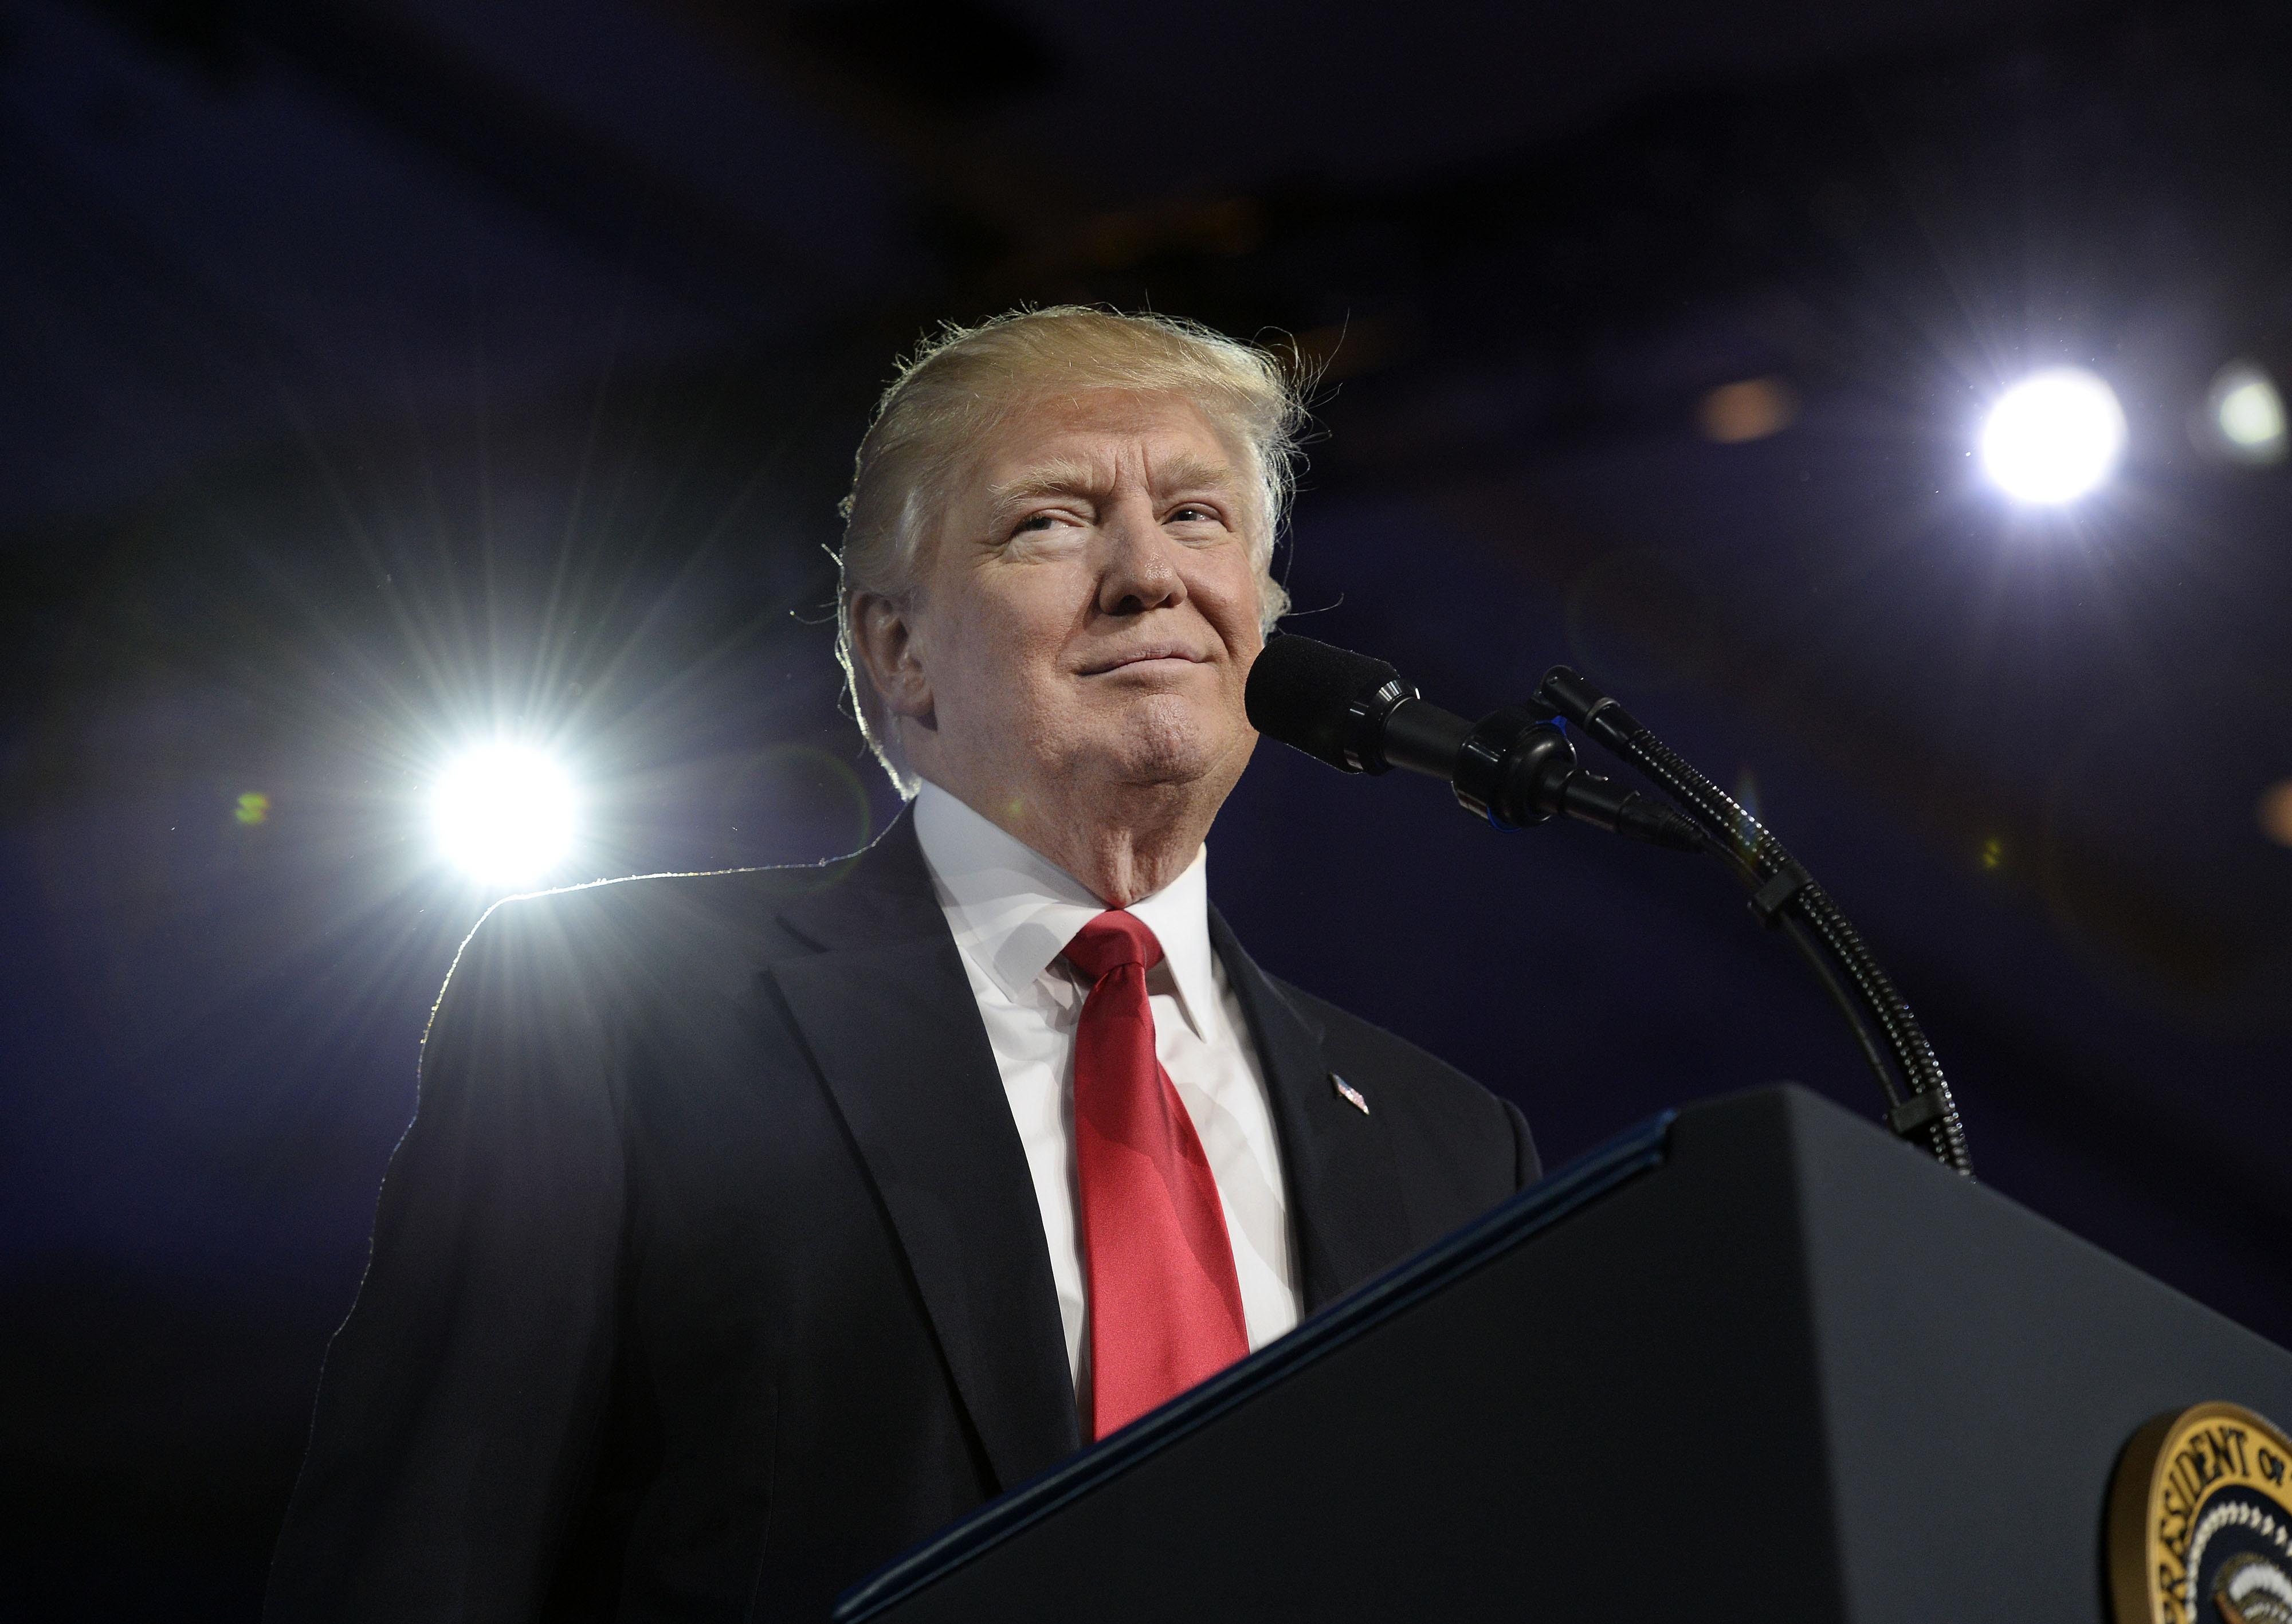 El variable discurso de Trump sobre Relaciones Internacionales pone en problemas a sus funcionarios. (Crédito: Olivier Douliery - Pool/Getty Images)